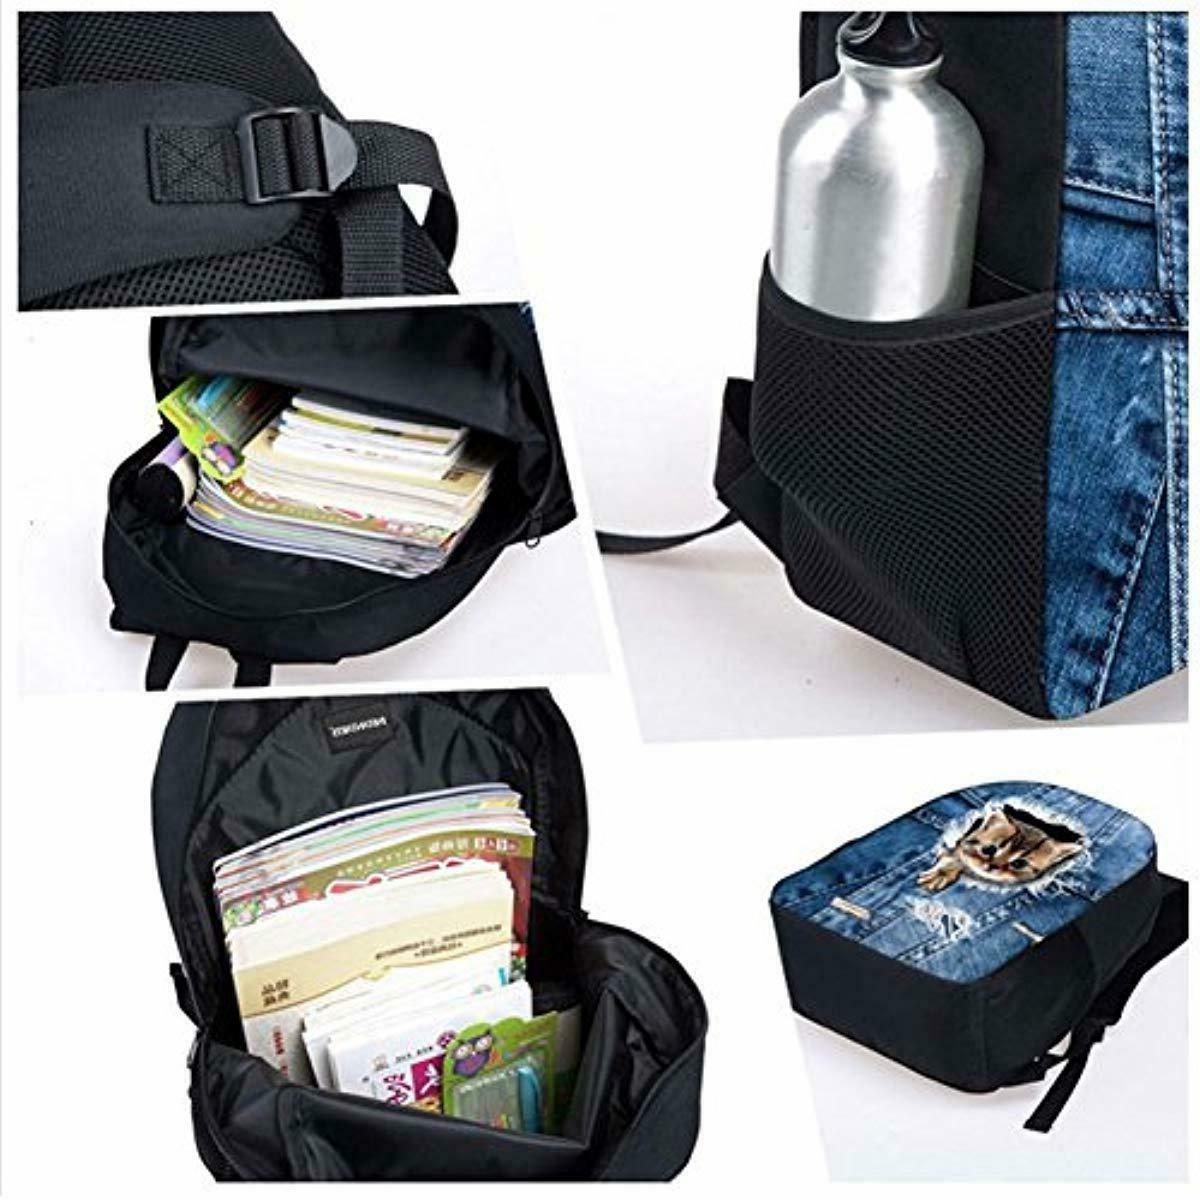 doginthehole Bag One